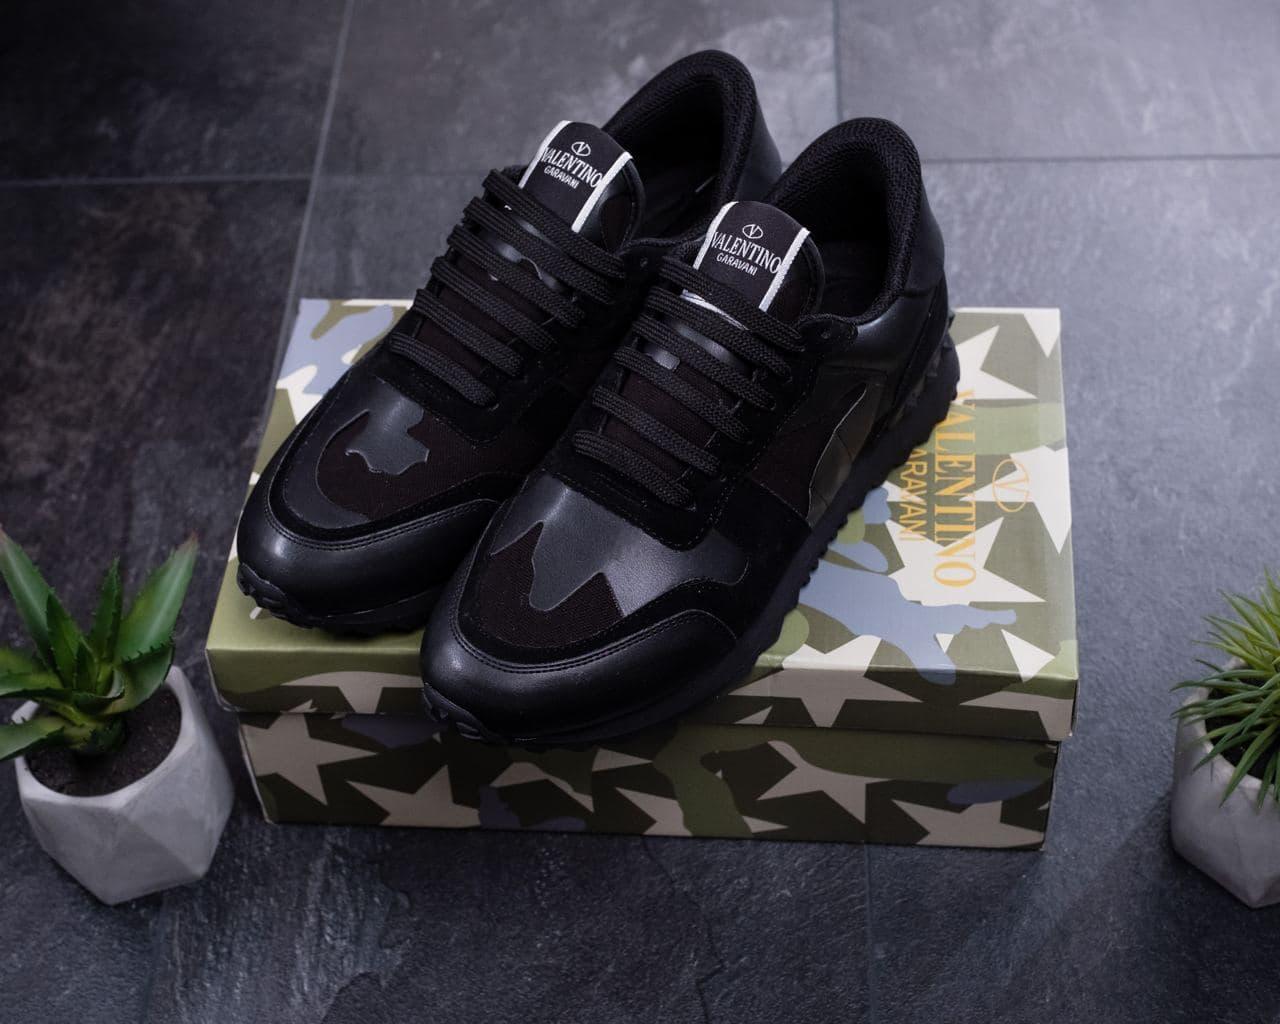 Мужские кроссовки Valentino Garavani Черные Кожаные, Реплика